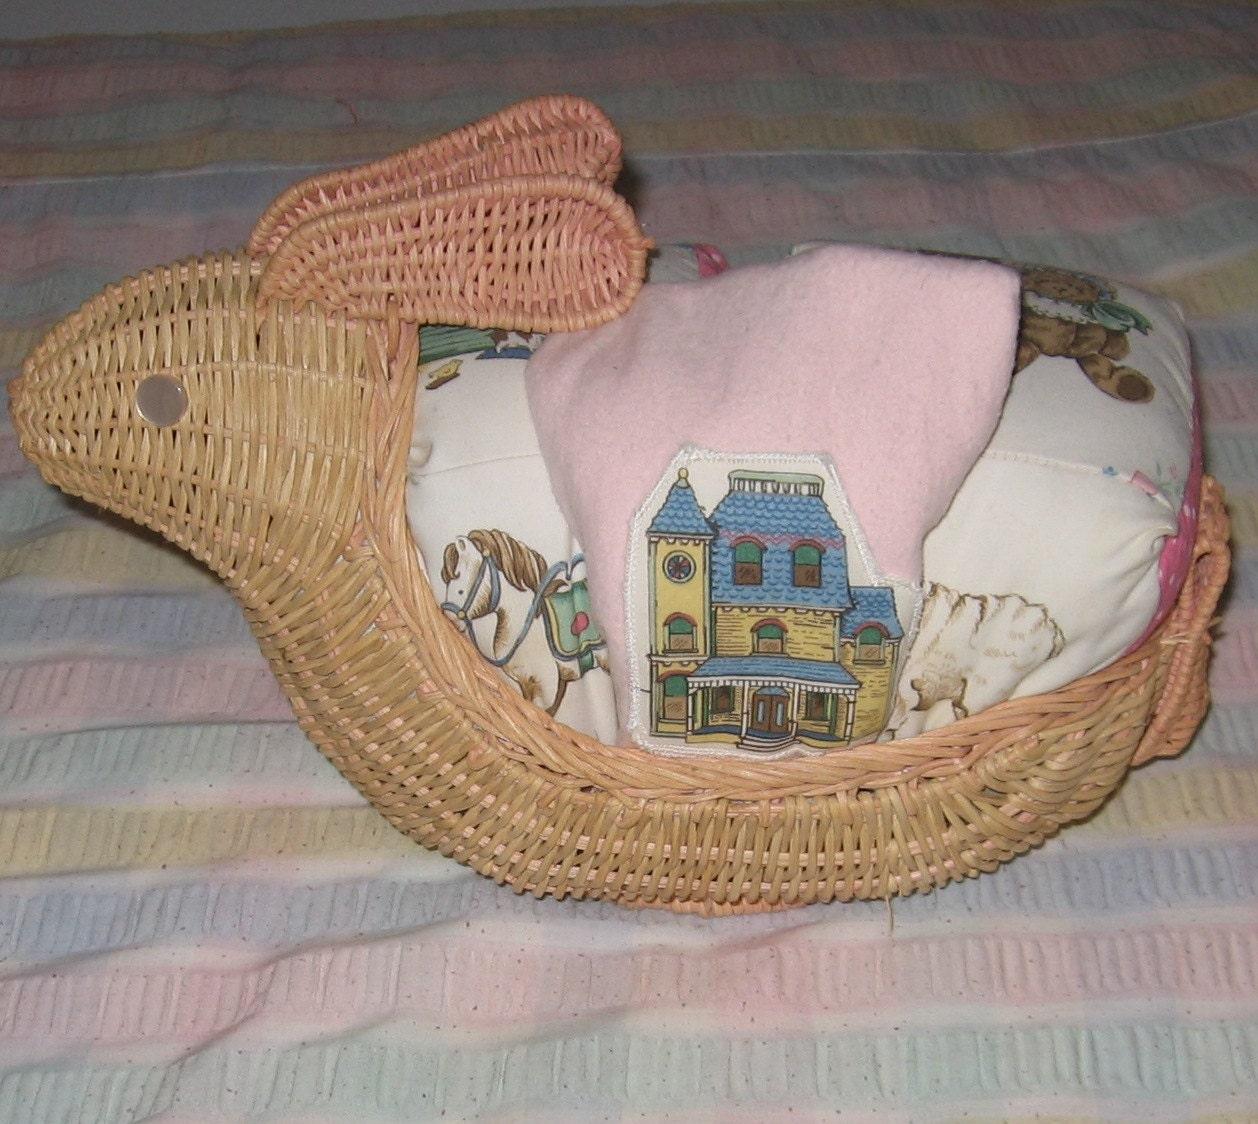 Baby Gift Basket Etsy : Bunny rabbit baby gift basket soft blocks and burp cloth etsy